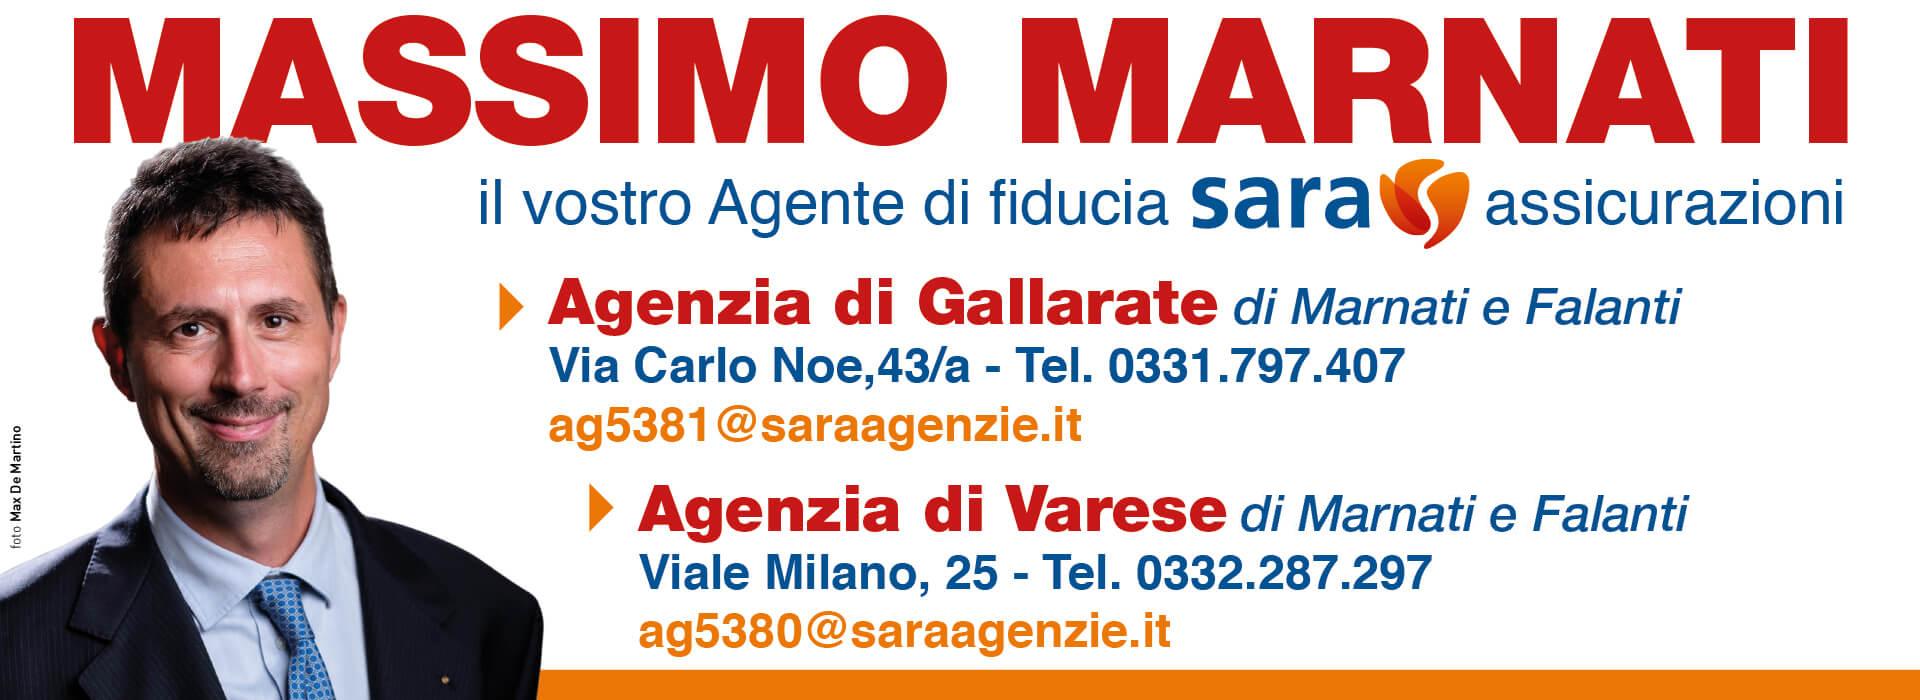 Massimo Marnati - Slider contatti agenzie Gallarate e Varese